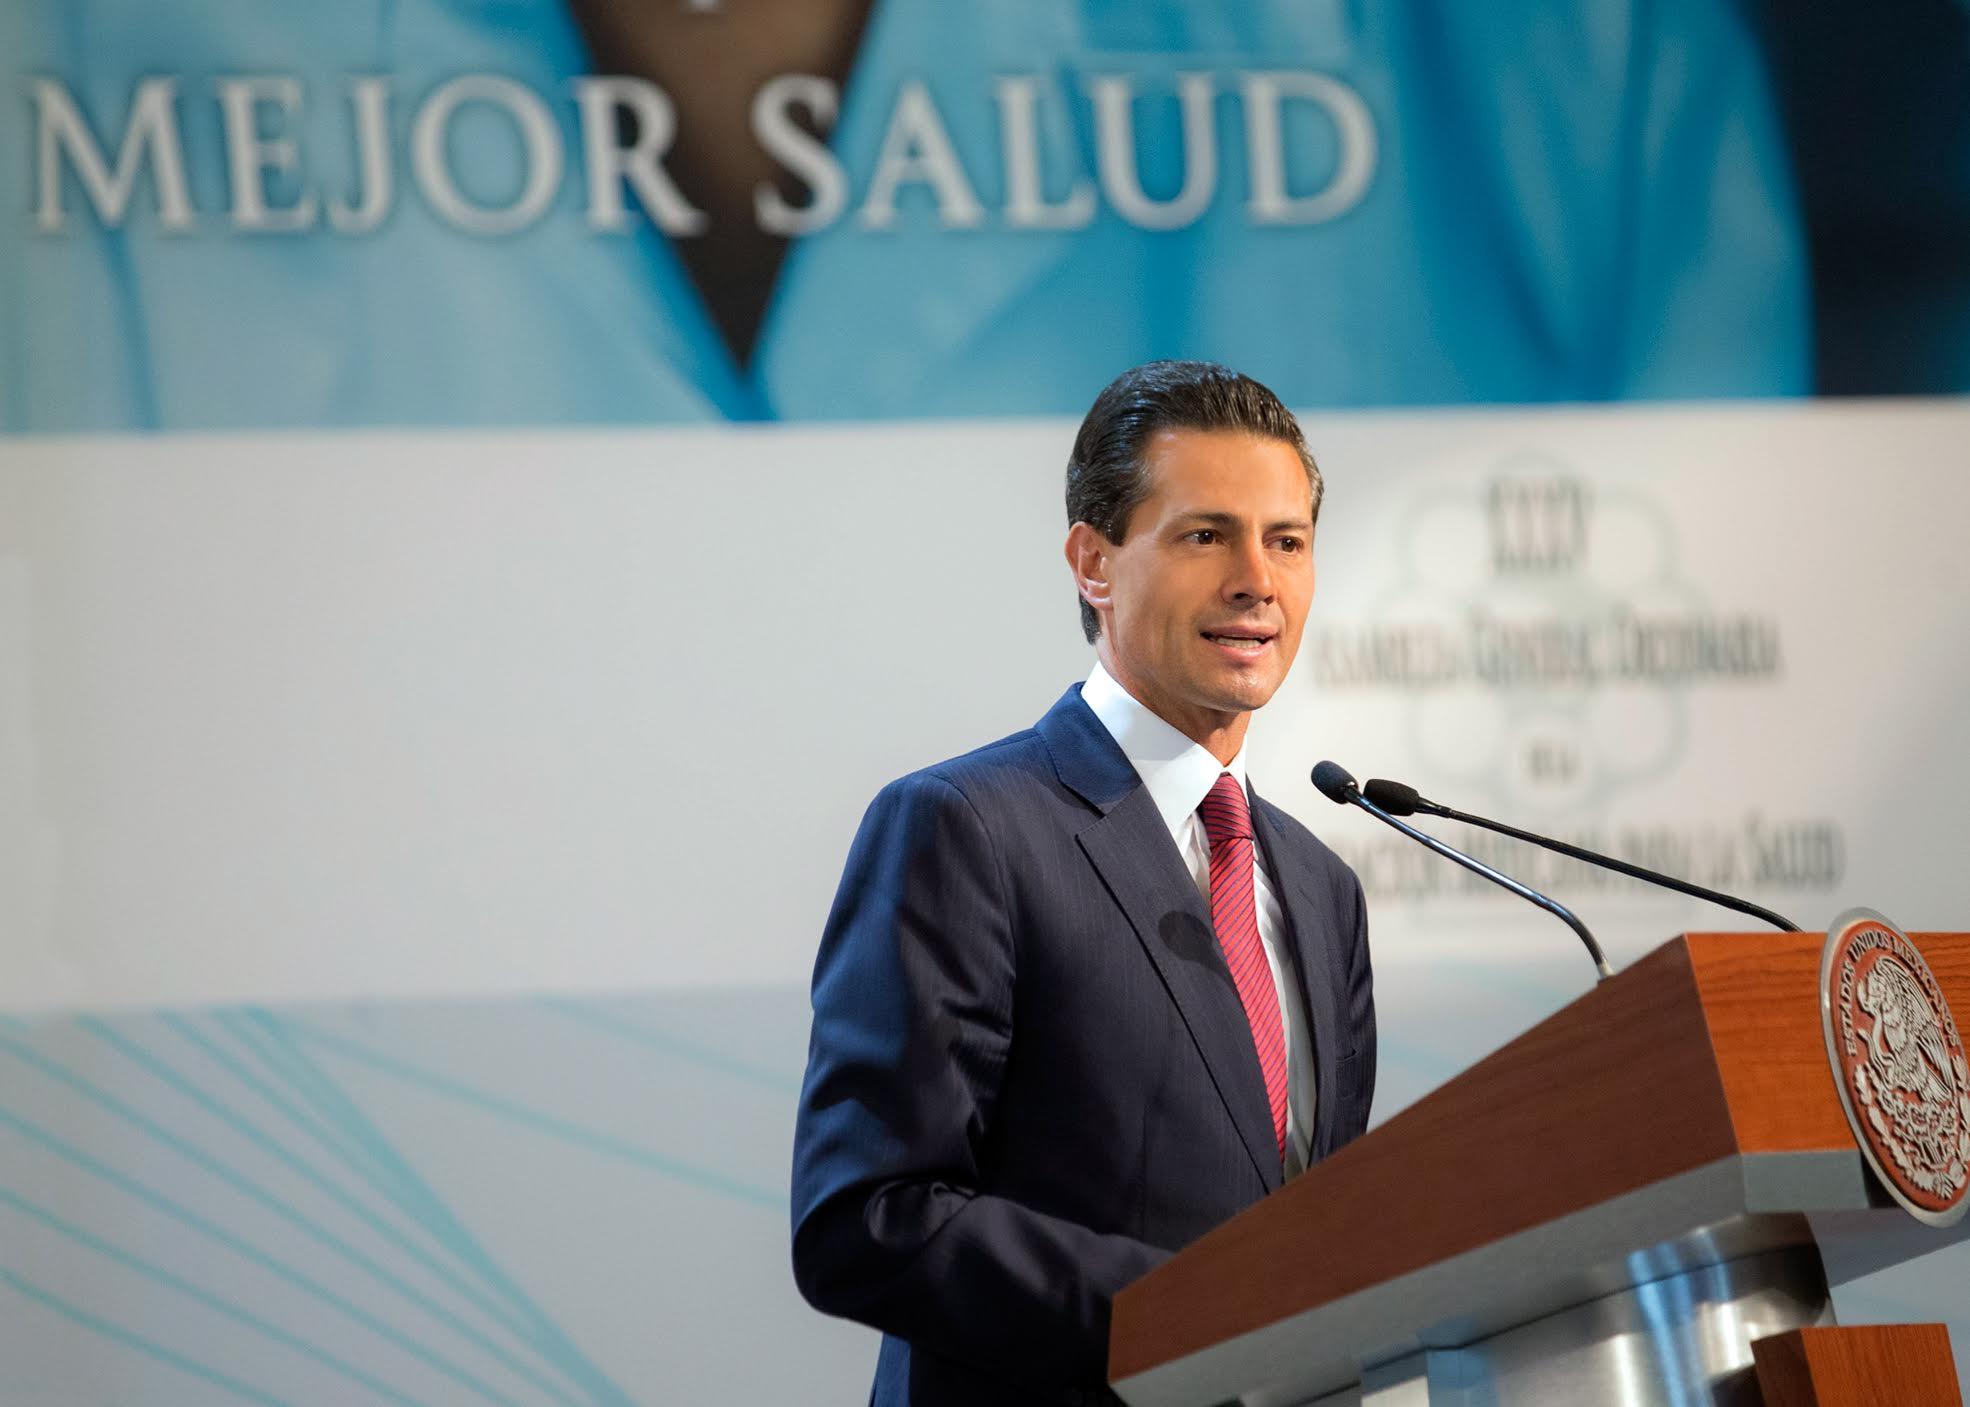 México impulsó que uno de los objetivos de desarrollo sostenible de la Agenda 2030, de Naciones Unidas, fuera, precisamente, el de salud y bienestar: EPN